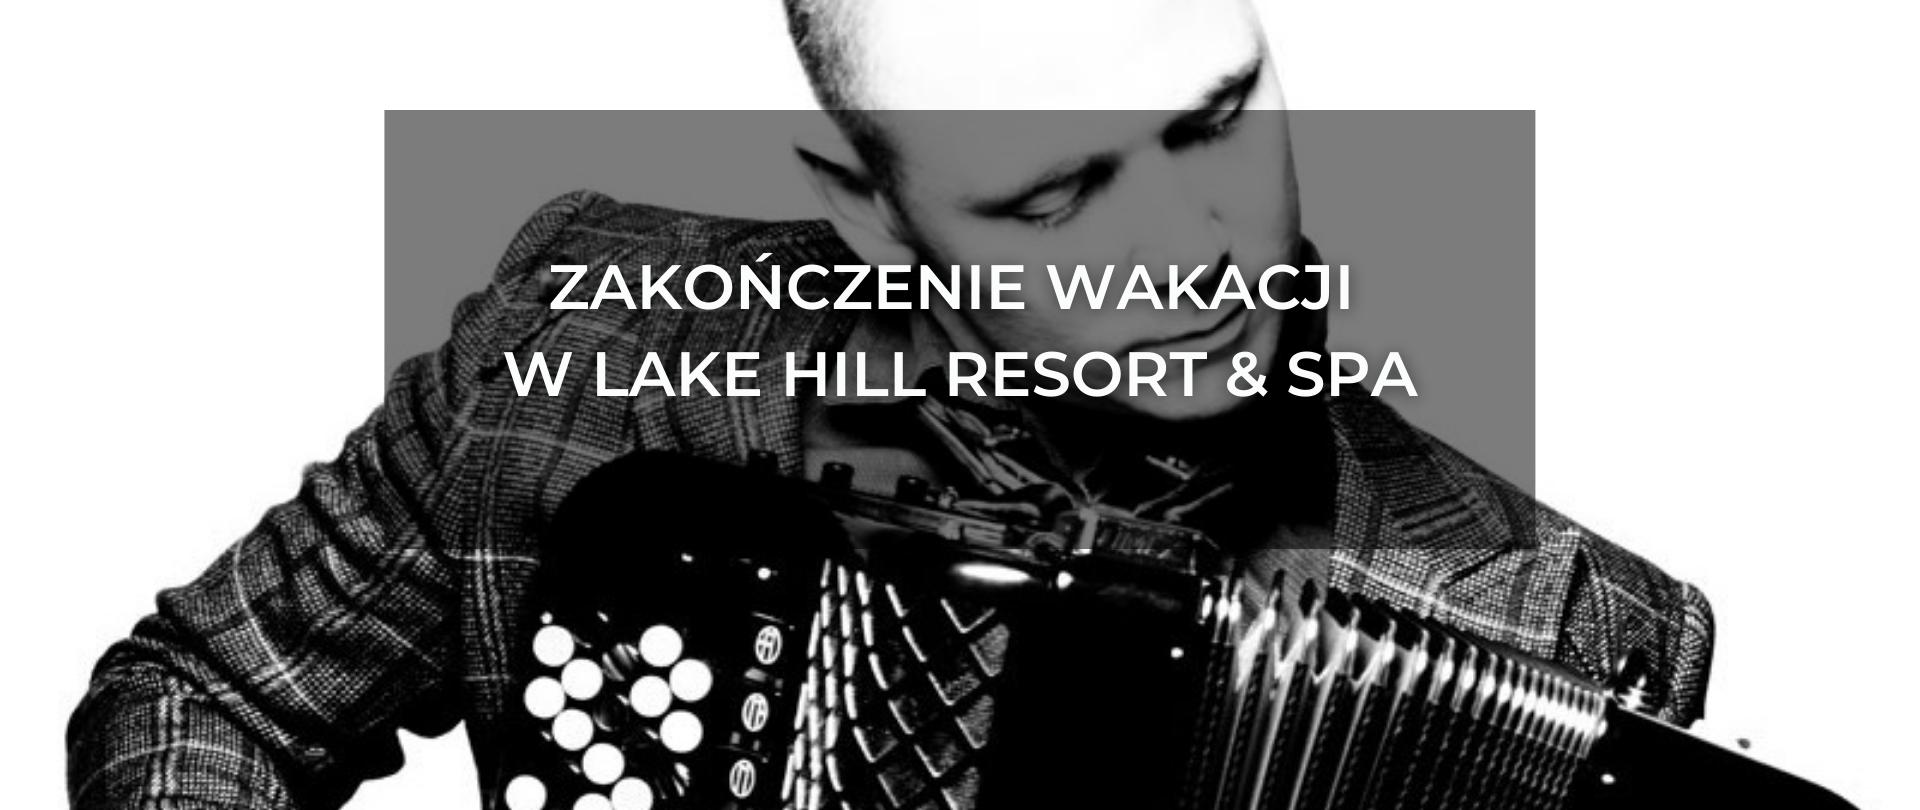 Zakończenie wakacji w Lake Hill Resort & SPA